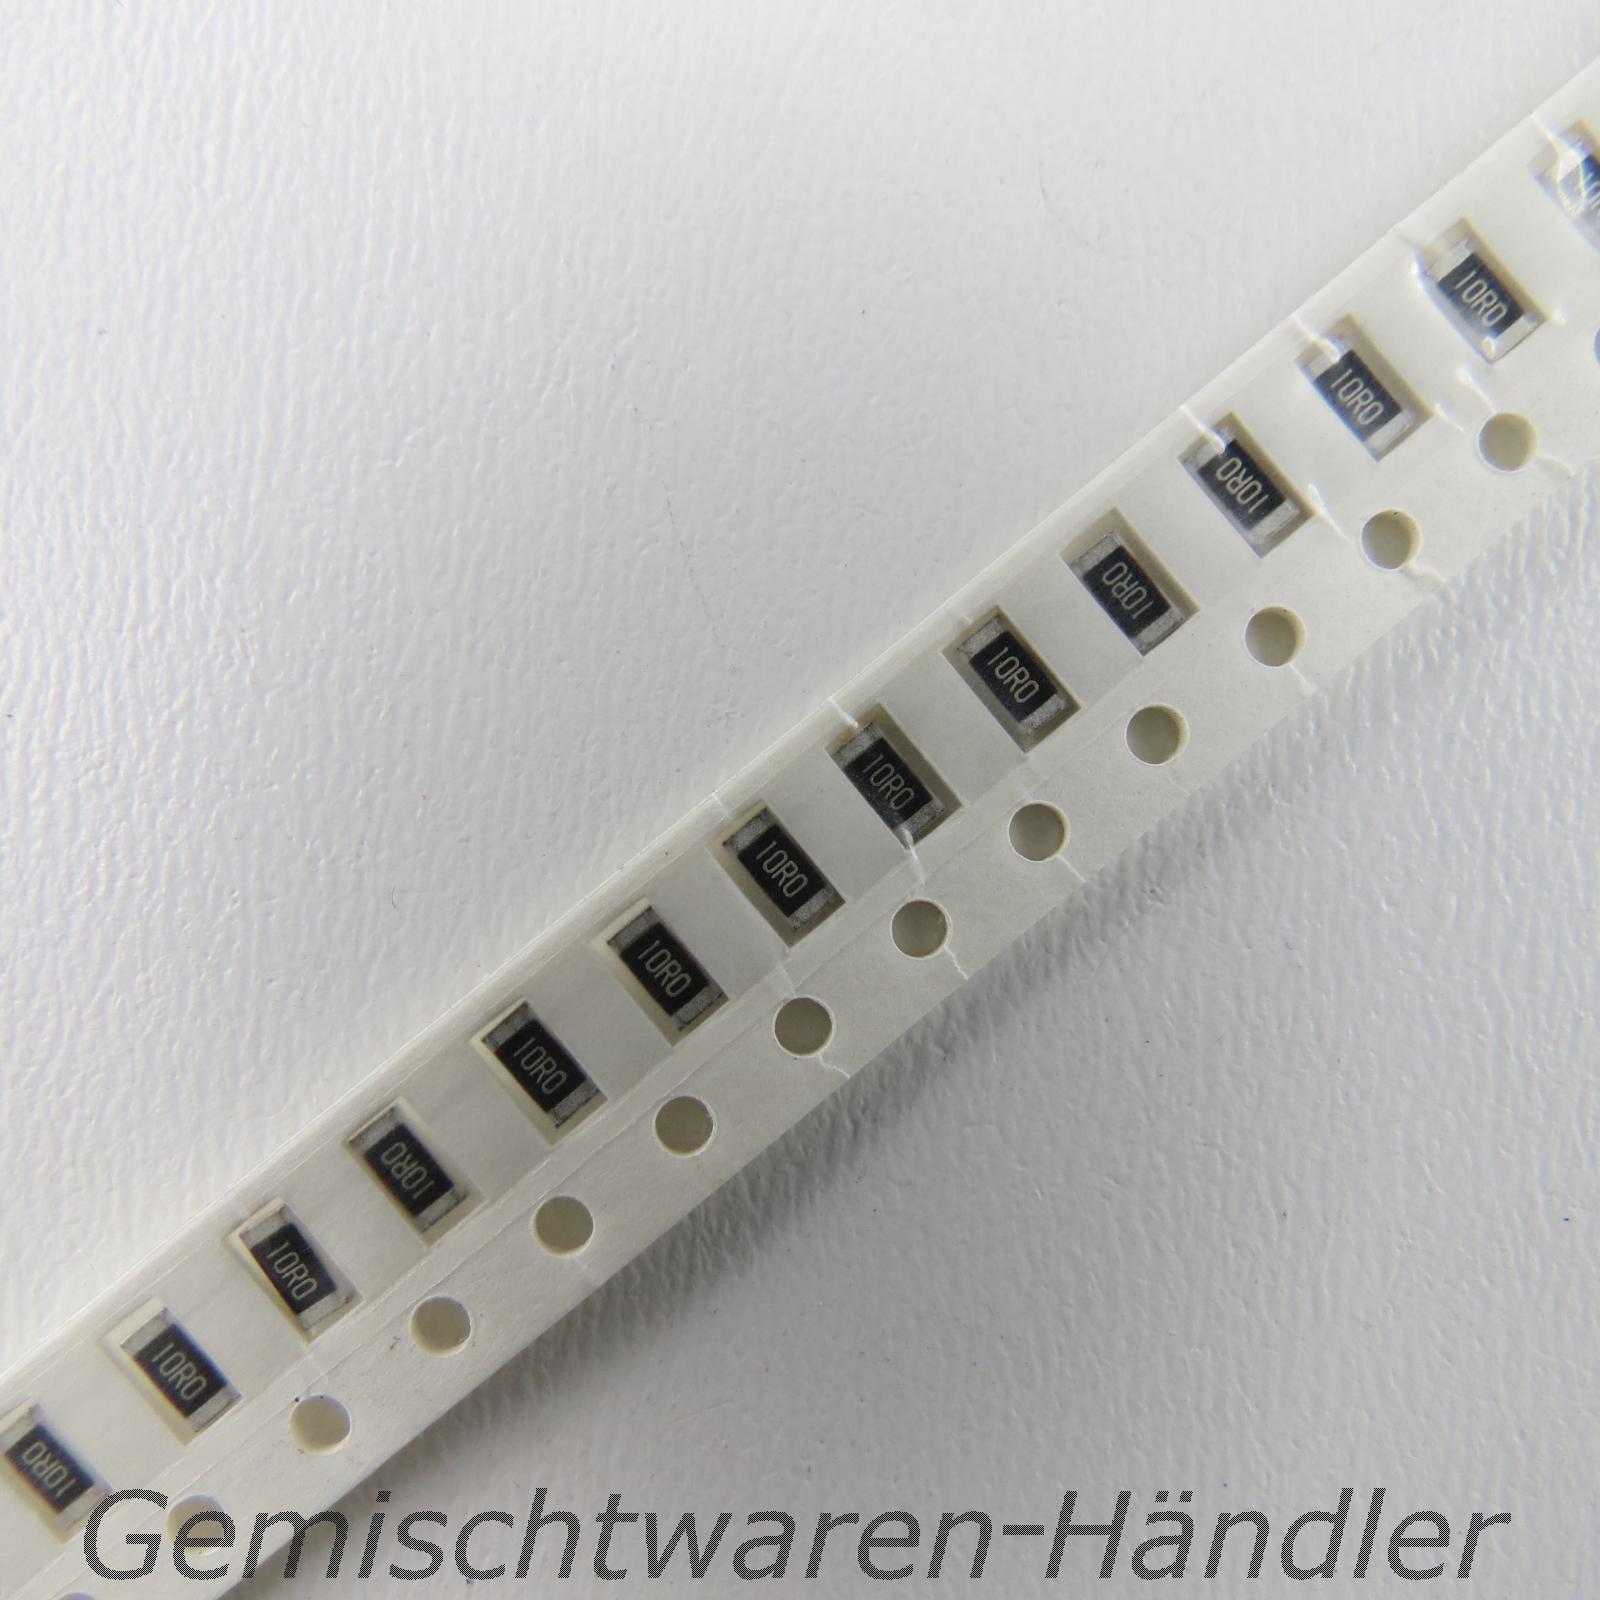 50-Stueck-SMD-Widerstaende-Bauform-1206-Werte-1-0-1000-Ohm-1-0-25-W-1-4-W